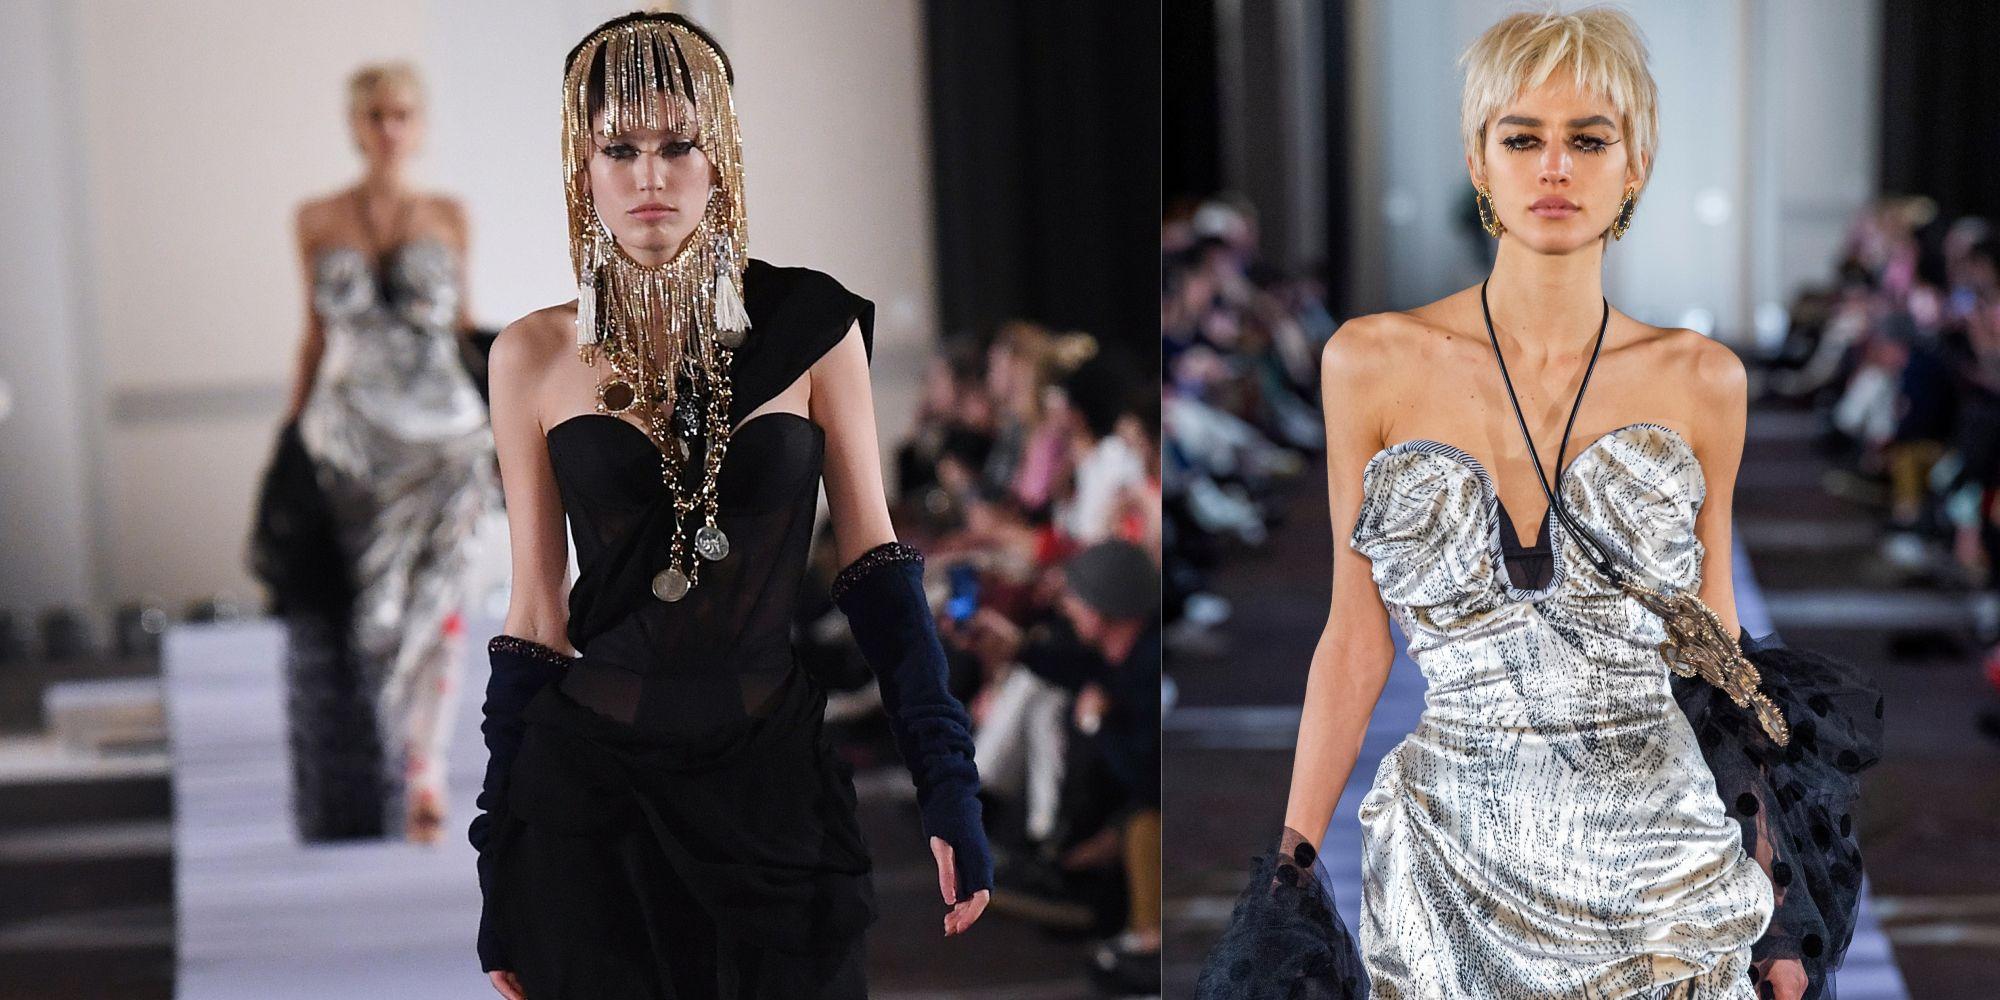 【巴黎時裝週】Vivienne Westwood 的馬甲禮服太性感!超經典「小行星」學生襪又回歸了!